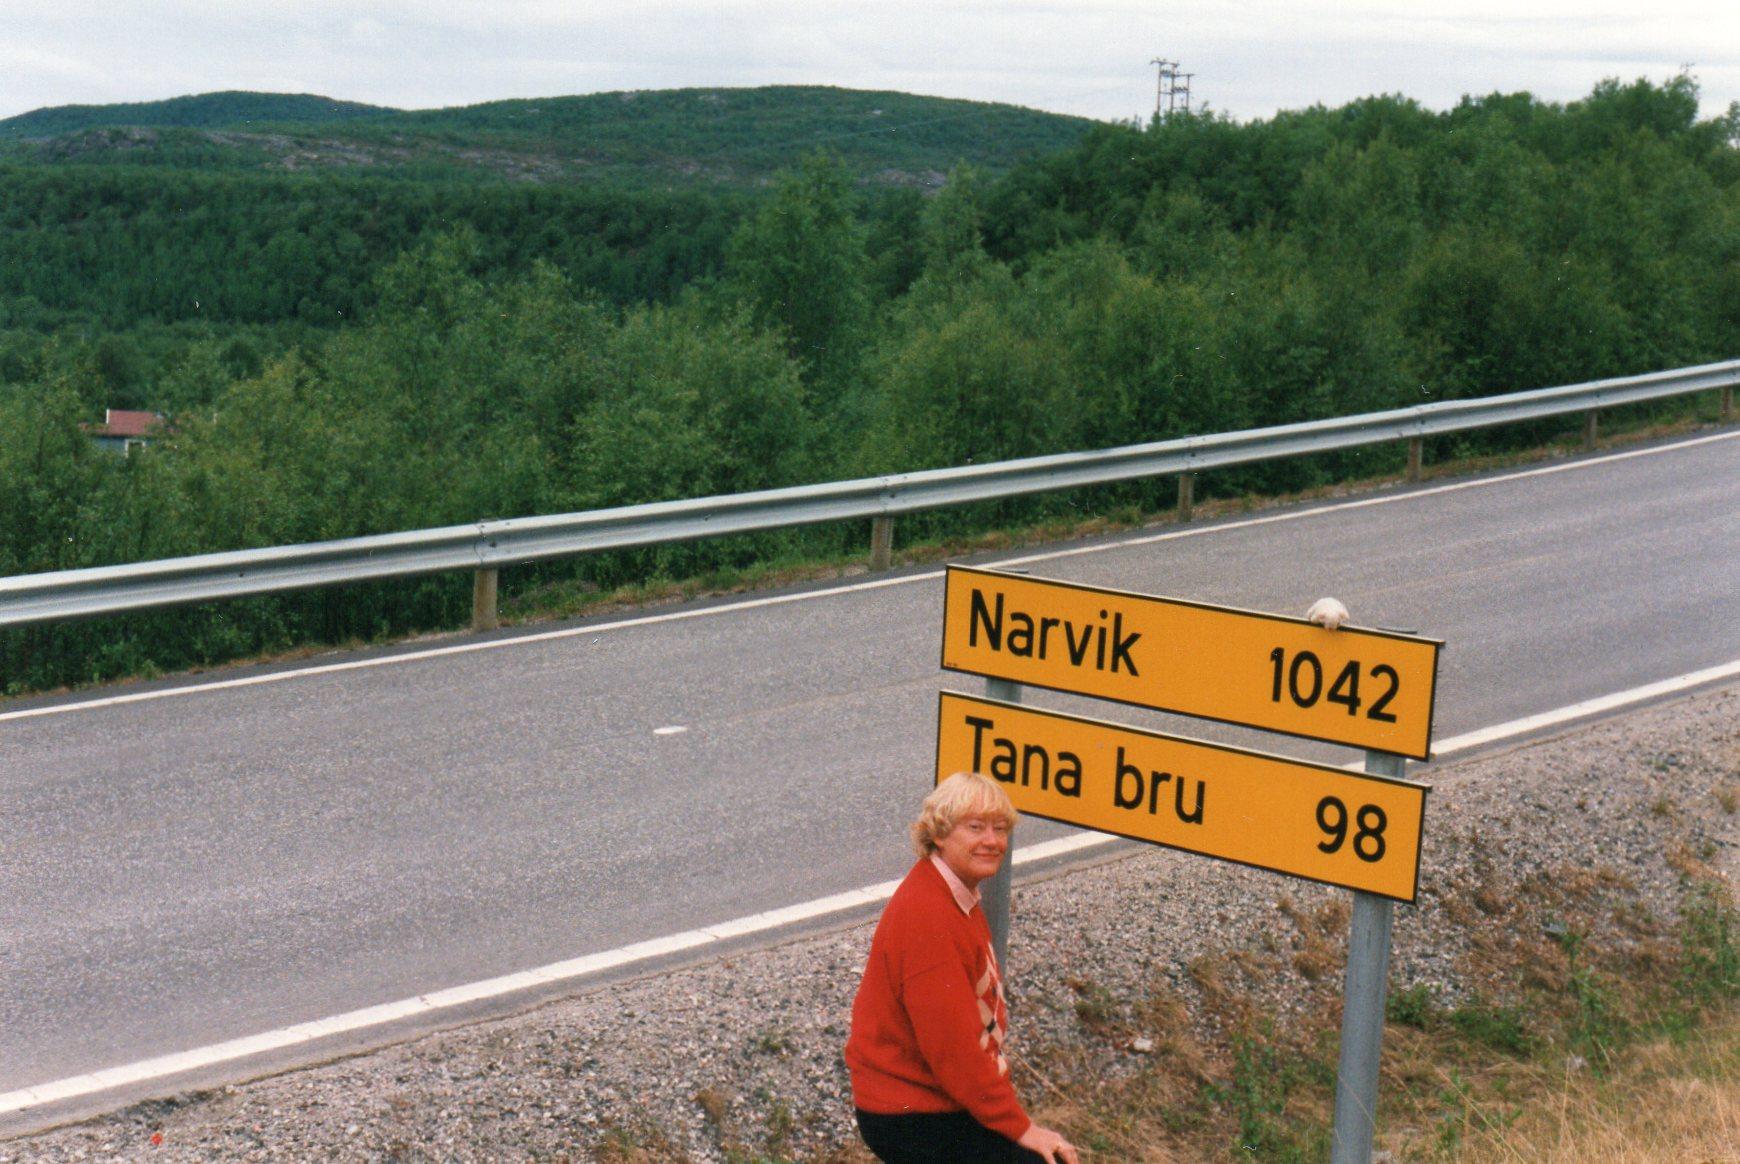 Vi havde kørt langt fra Kirkenes, da nordmændene mindede os om, at der virkelig var langt hjem endnu. Til Narvik er der mere end en dagsrejse på grund af vejene. Fra Narvik er der er der virkelig langt til Nr. Bjert! Myggene gjorde, hvad de kunne, men alligevel blev det en dejlig uge.